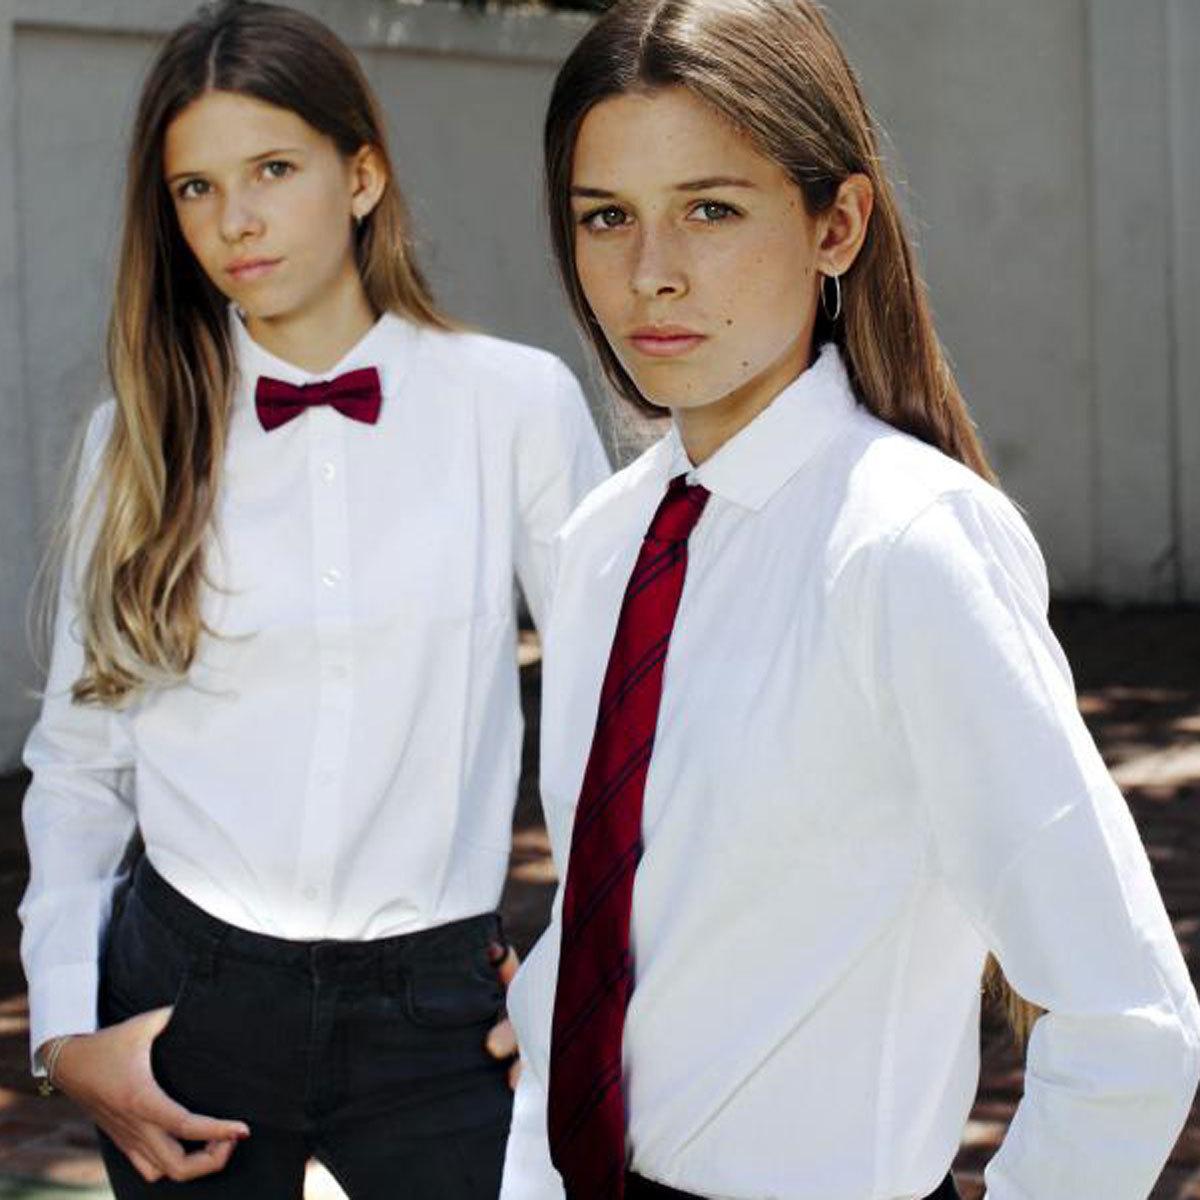 Pon en marcha un Banco de uniformes en el colegio de tus hijos.